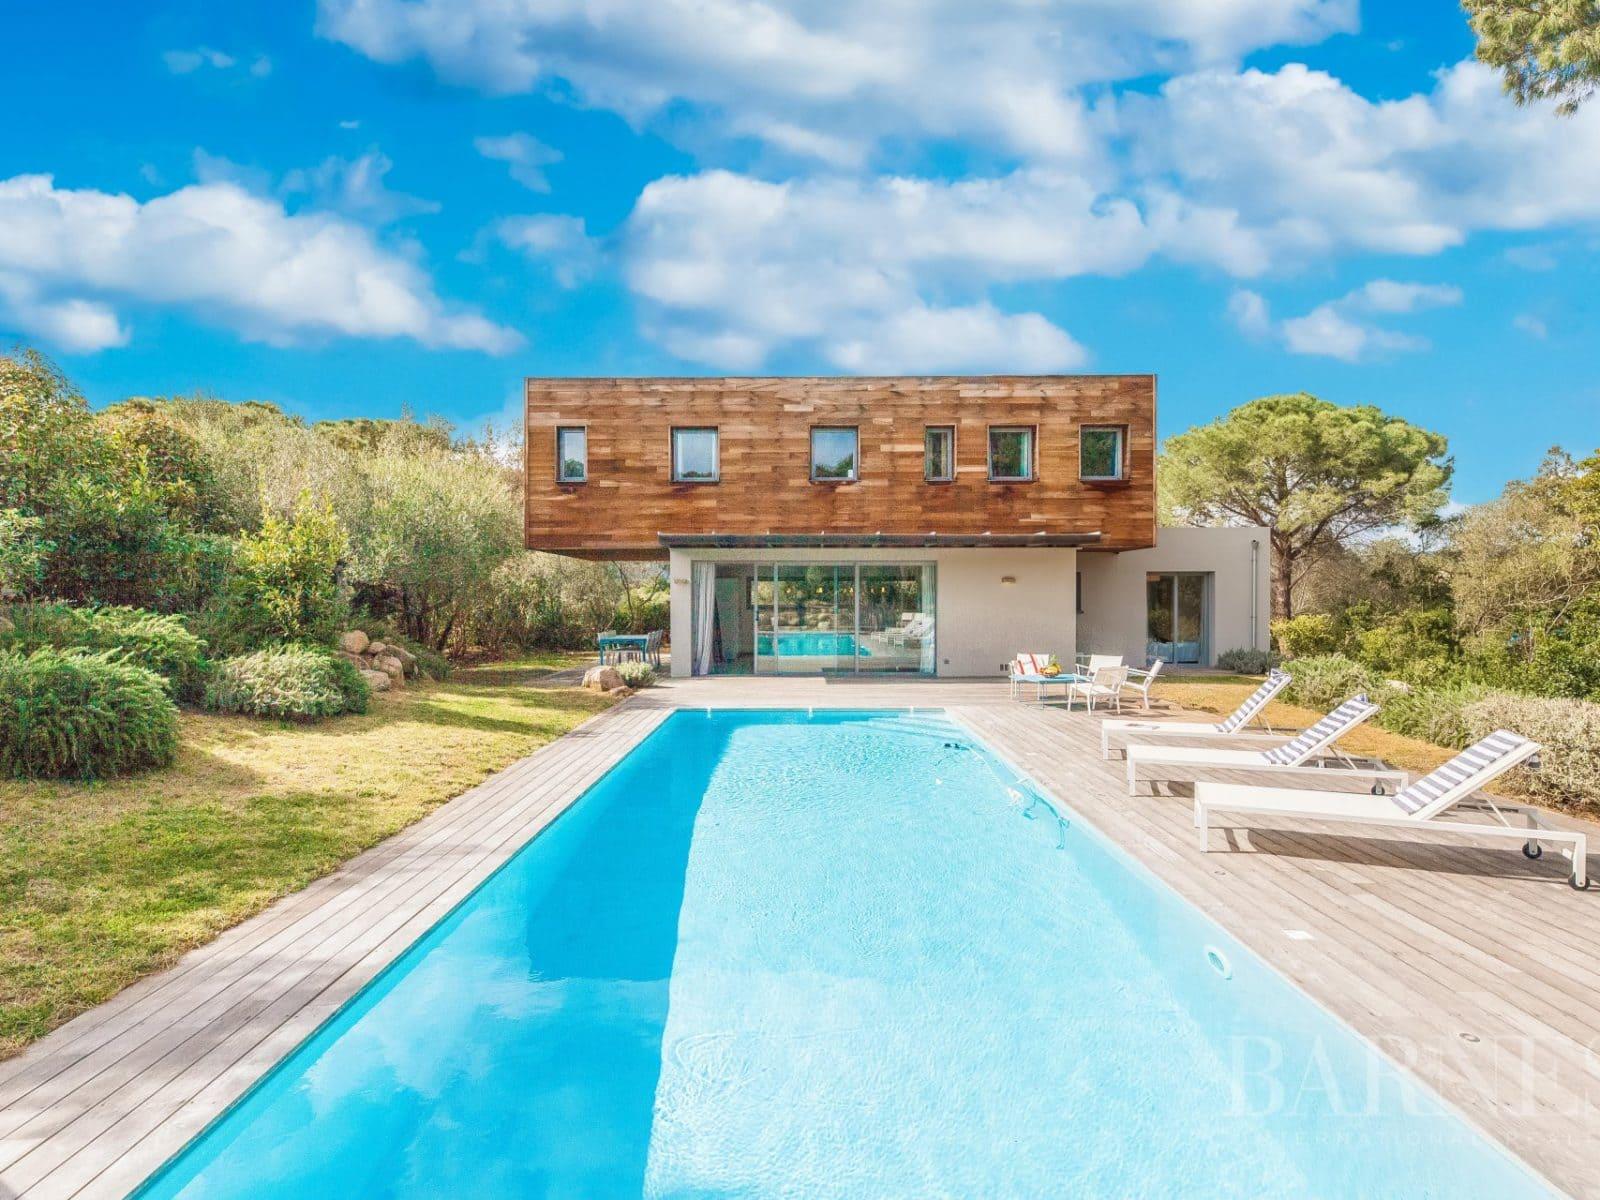 Maisons et villas à vendre à Cala Rossa